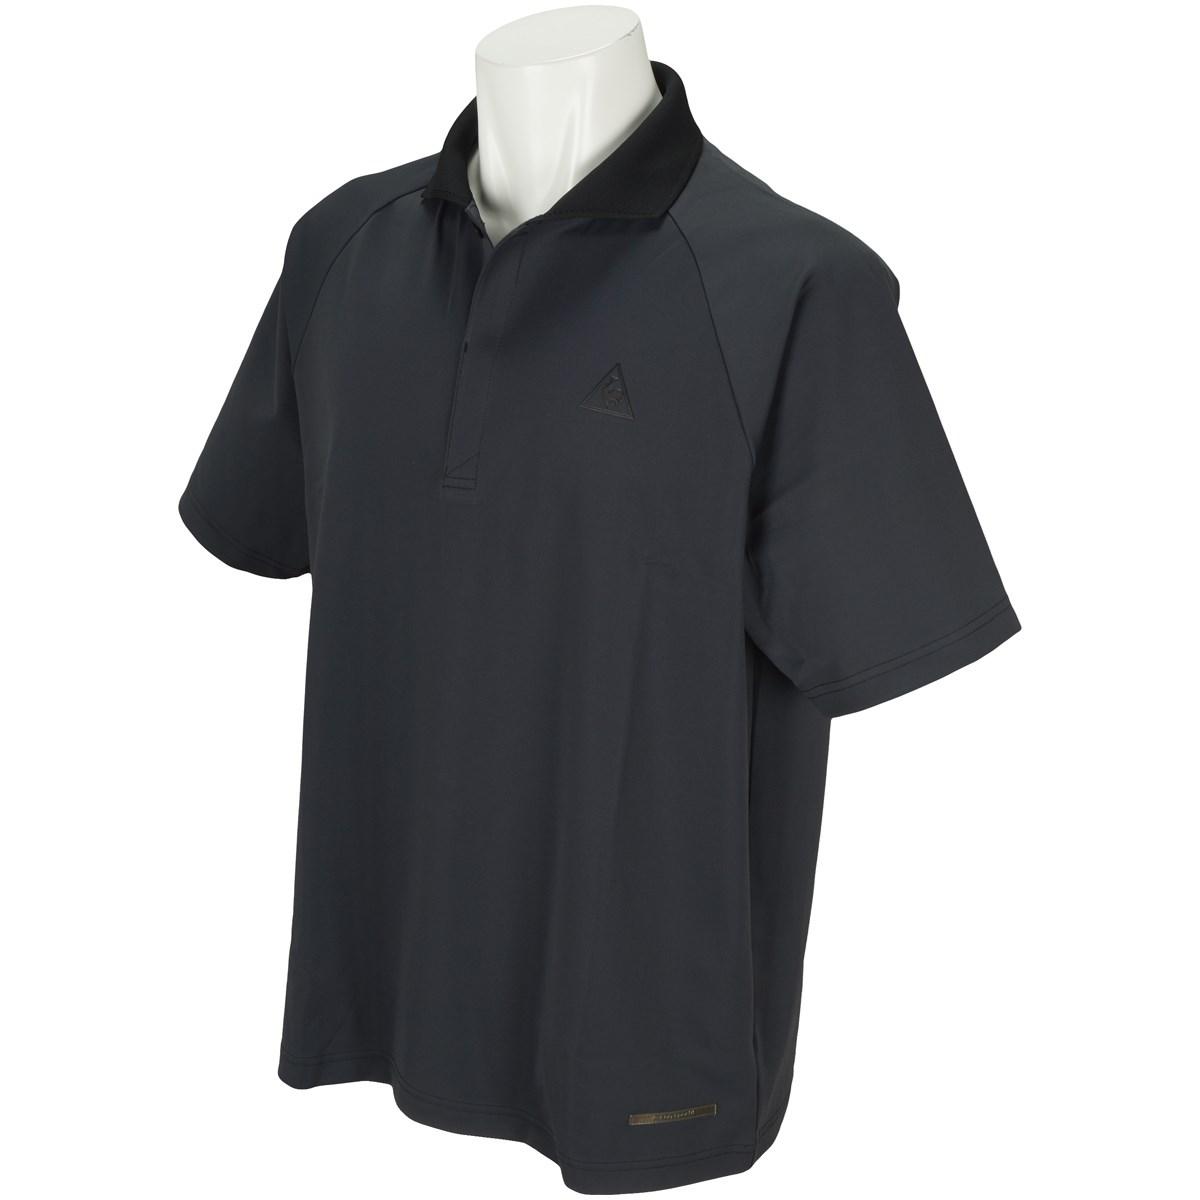 ルコックゴルフ Le coq sportif GOLF ストレッチ 半袖ポロシャツ M ブラック 00